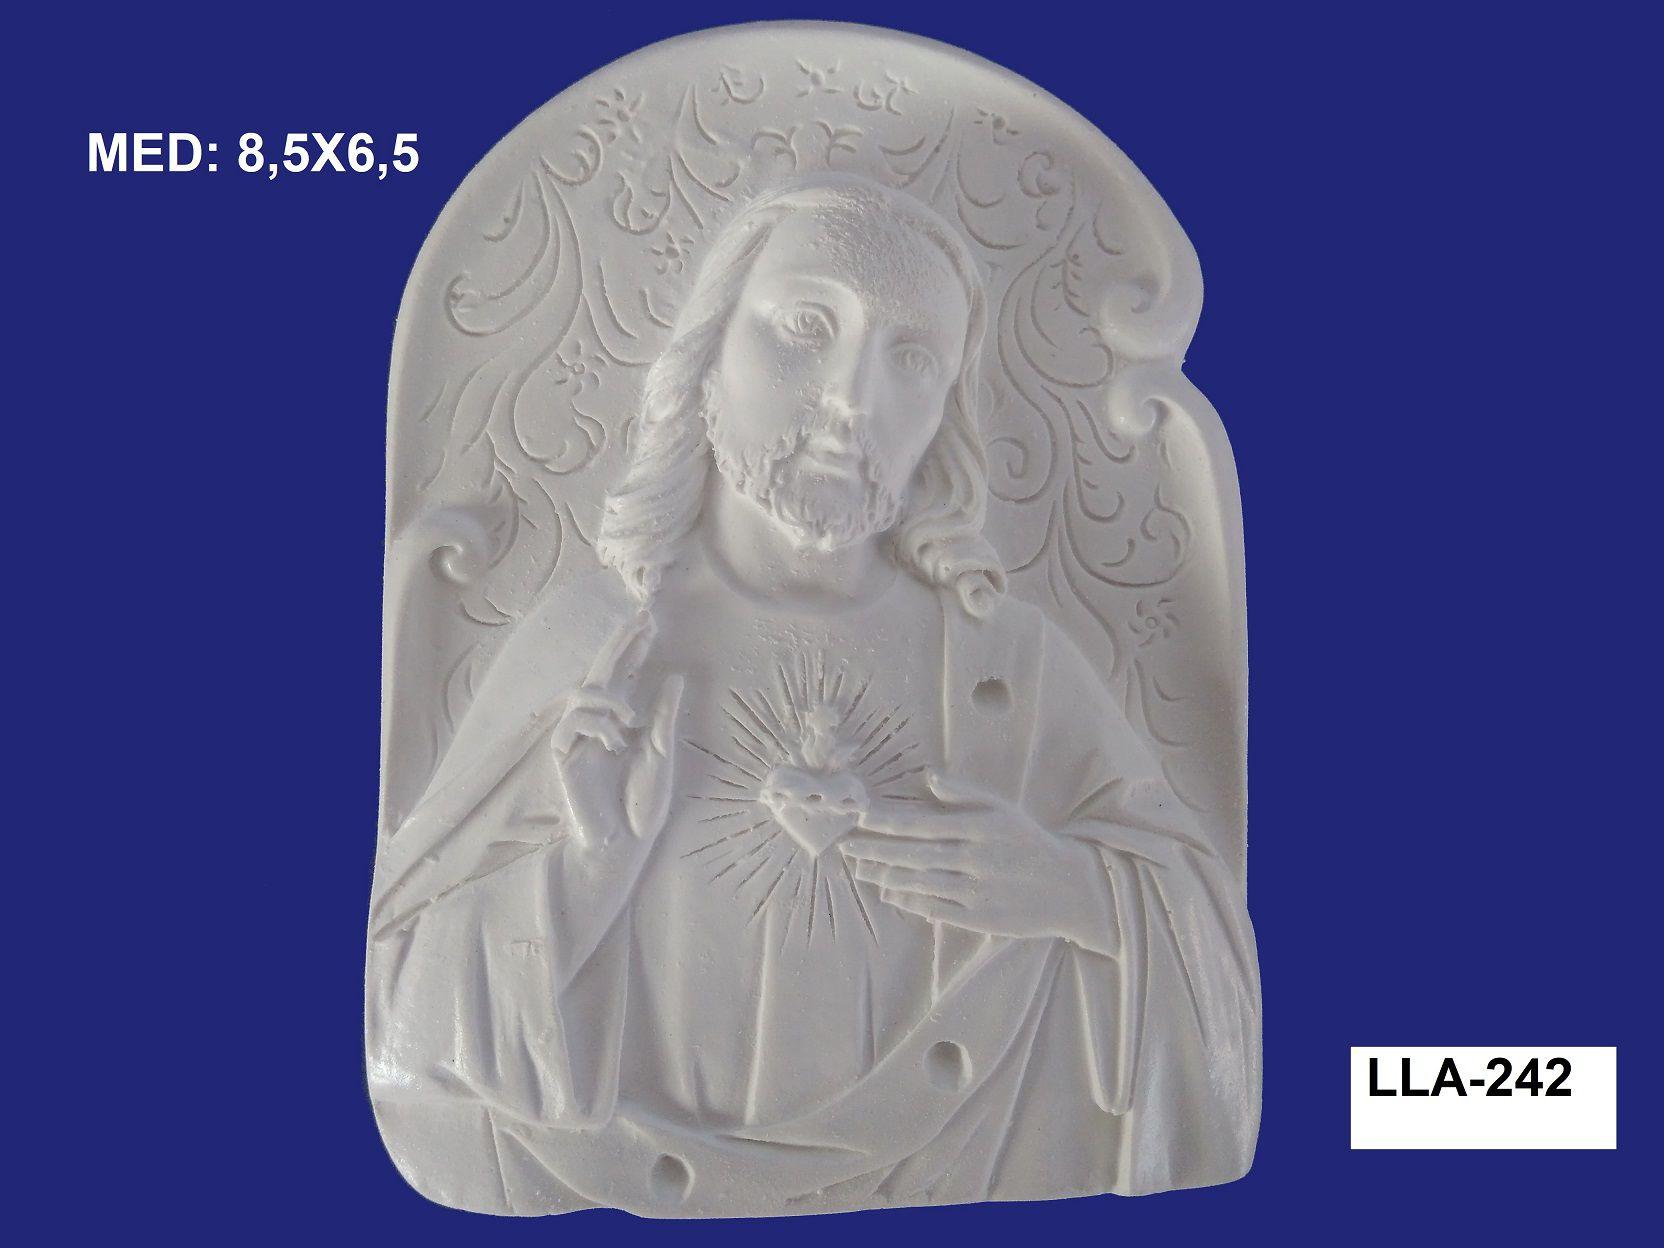 LLA-242 APLIQUE JESUS 8,5X6,5CM